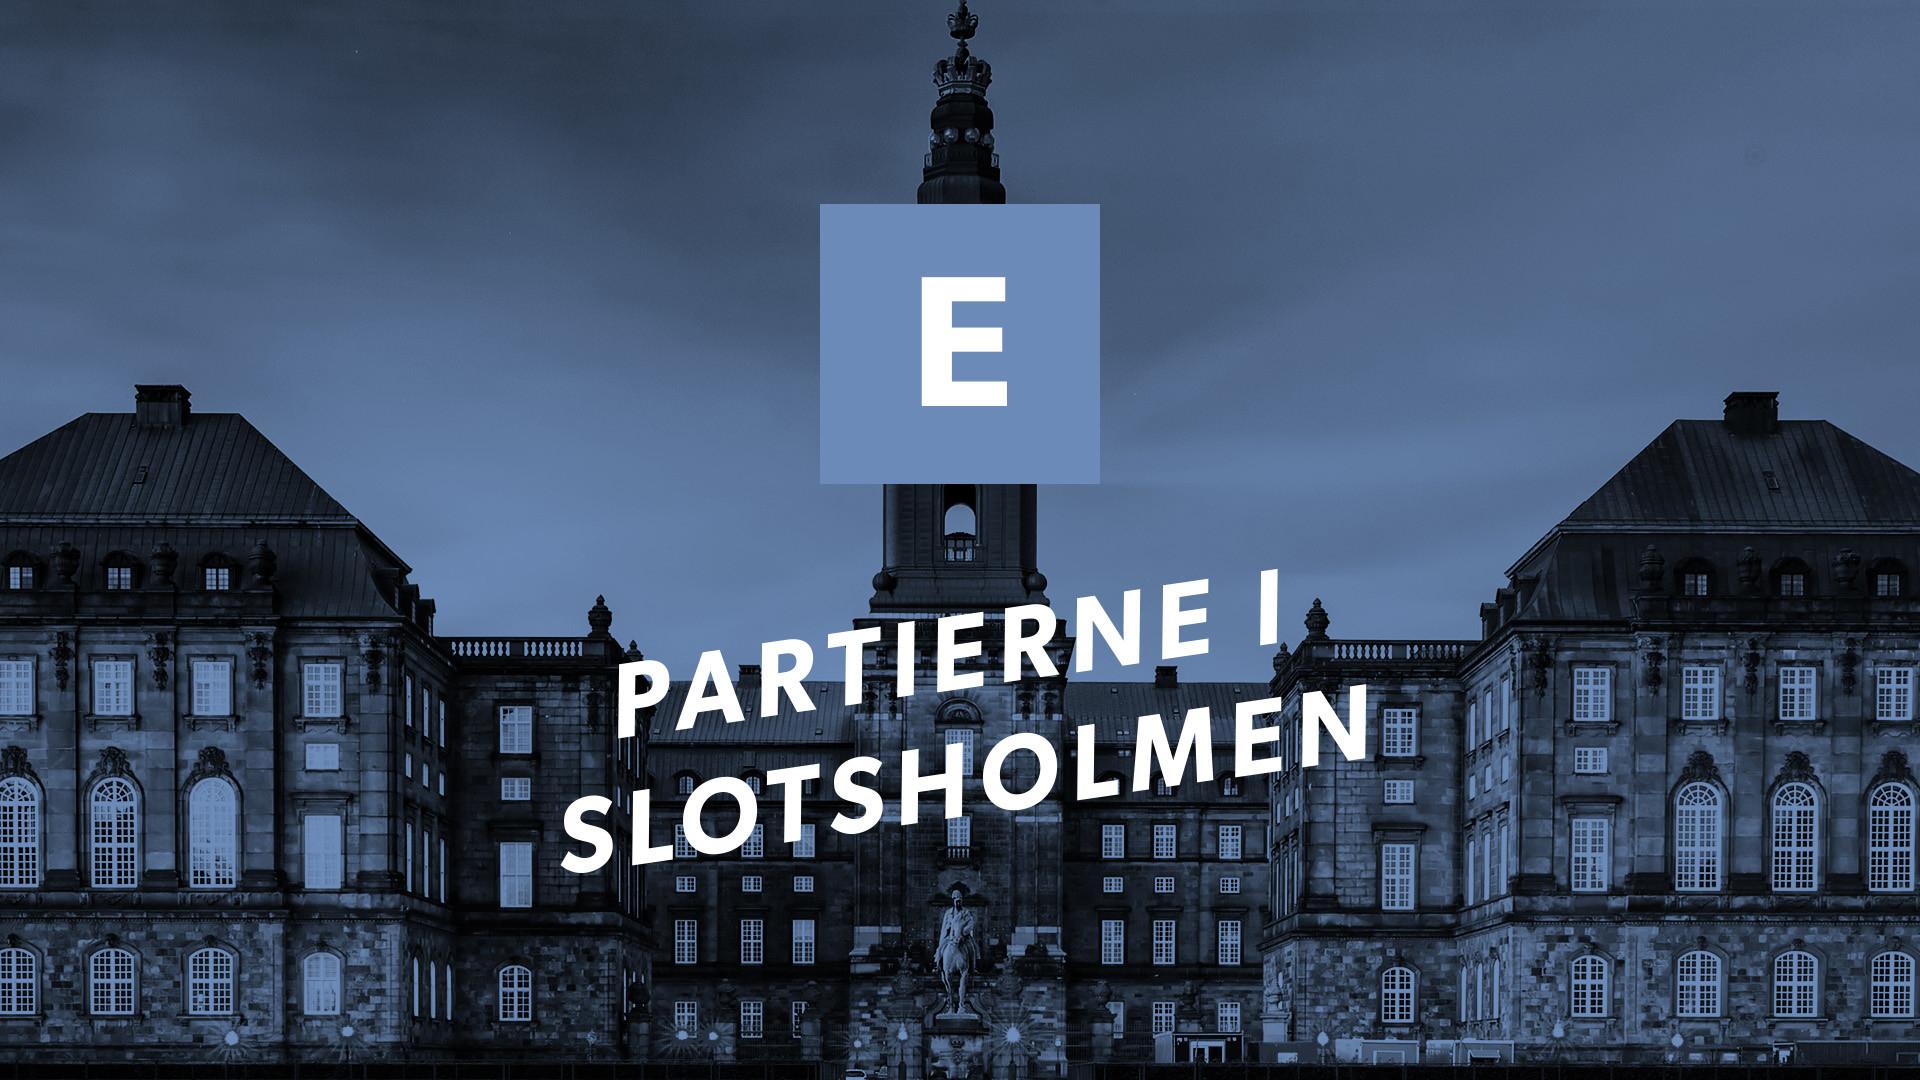 slotsholmen-klaus-riskaer-pedersen.jpg